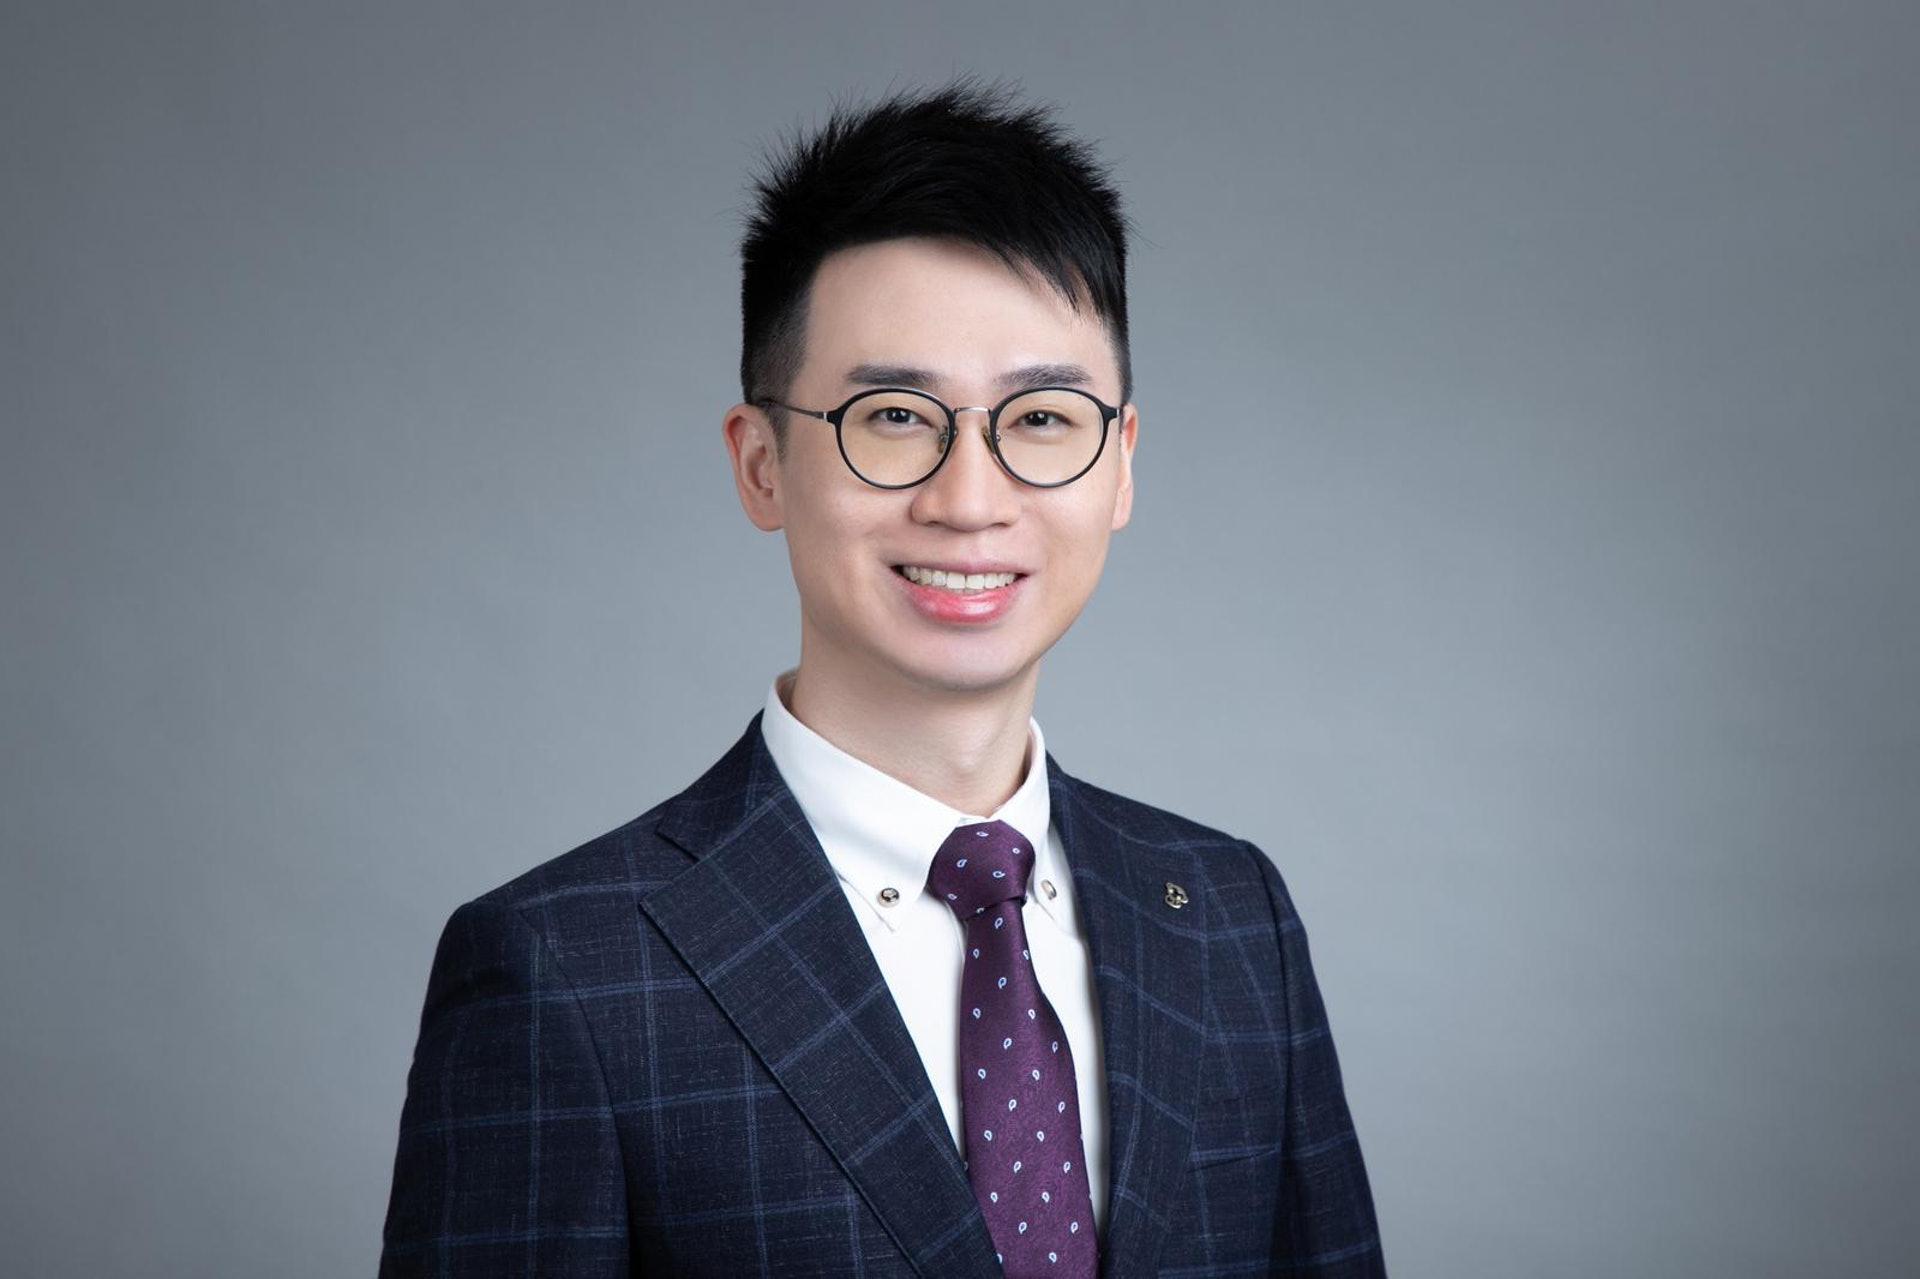 健福堂註冊中醫師羅光輝(受訪者提供)